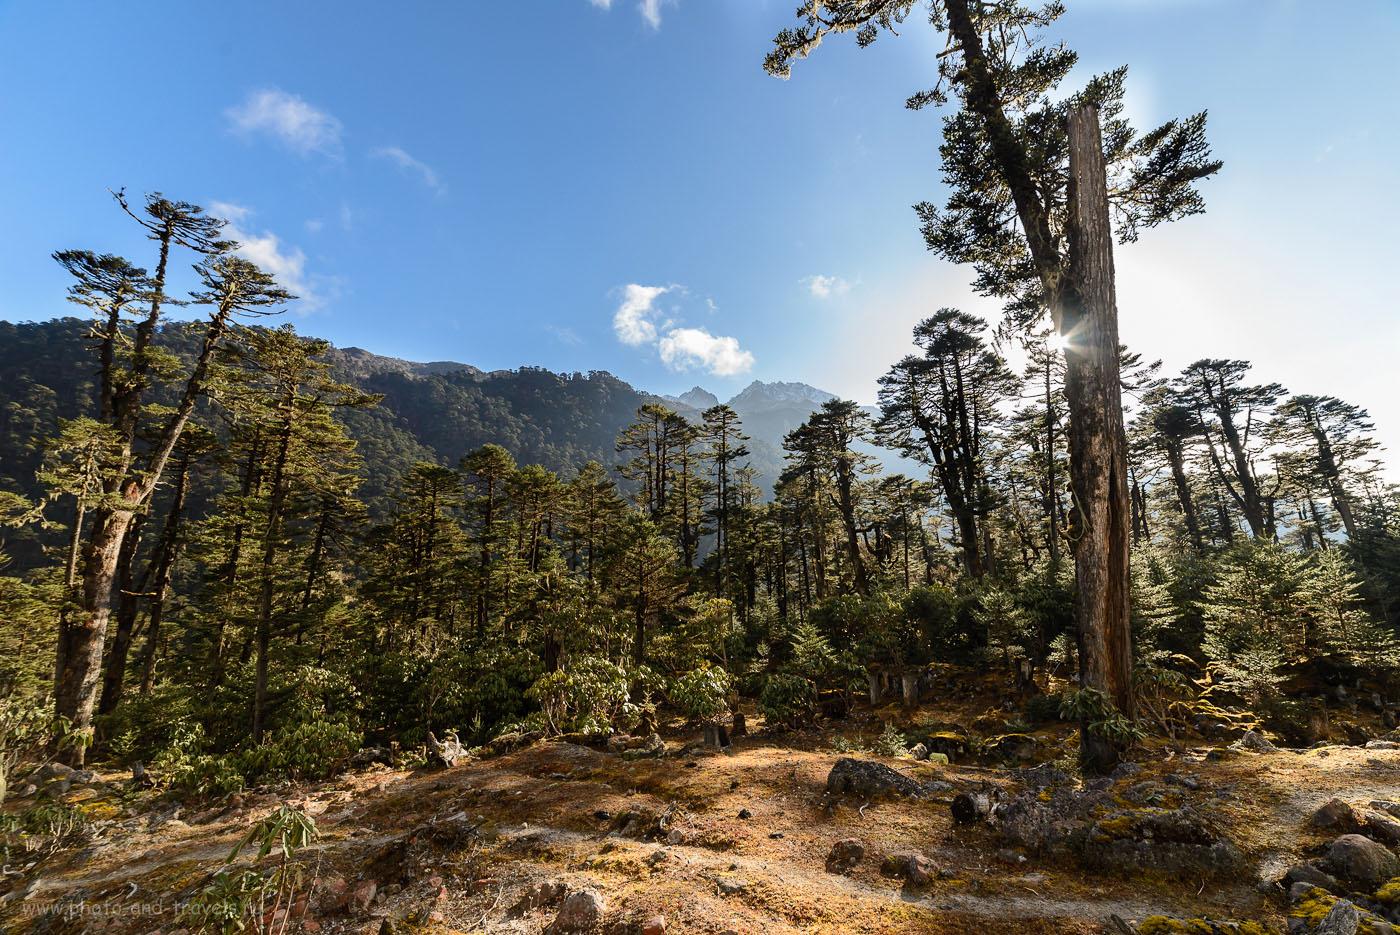 Фотография 20. ДолинаYumthang Valleyв середине ноября. Поездка самостоятельно по северо-востоку Индии. 8.0, 1/100, 160, +0.7, 14.